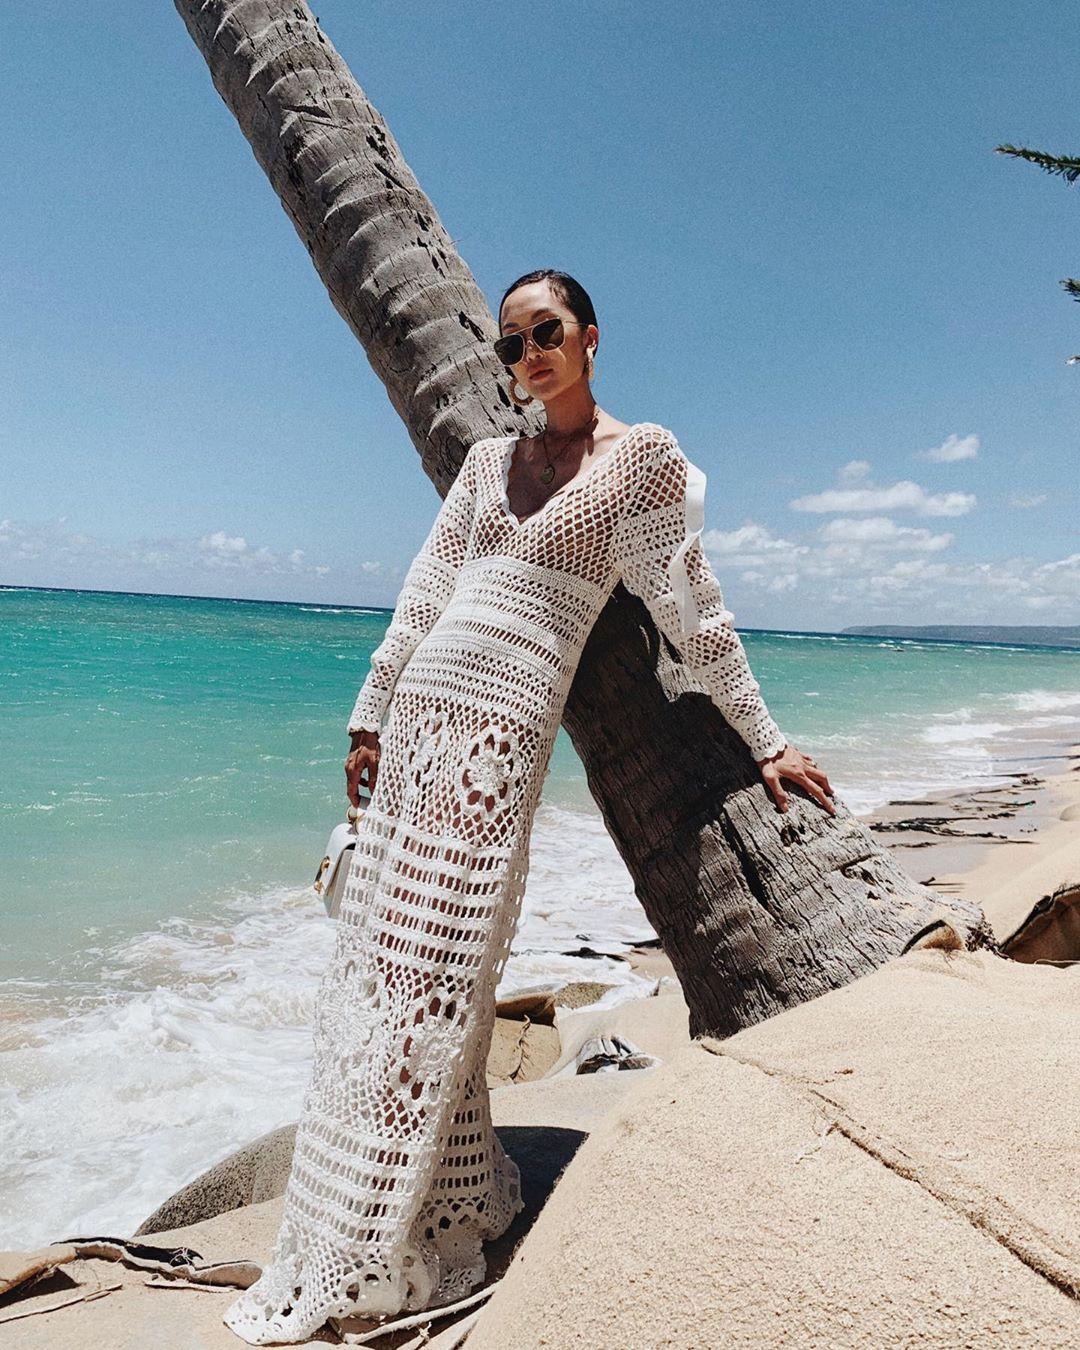 Phối đồ du lịch biển phong cách boho với đầm đan móc